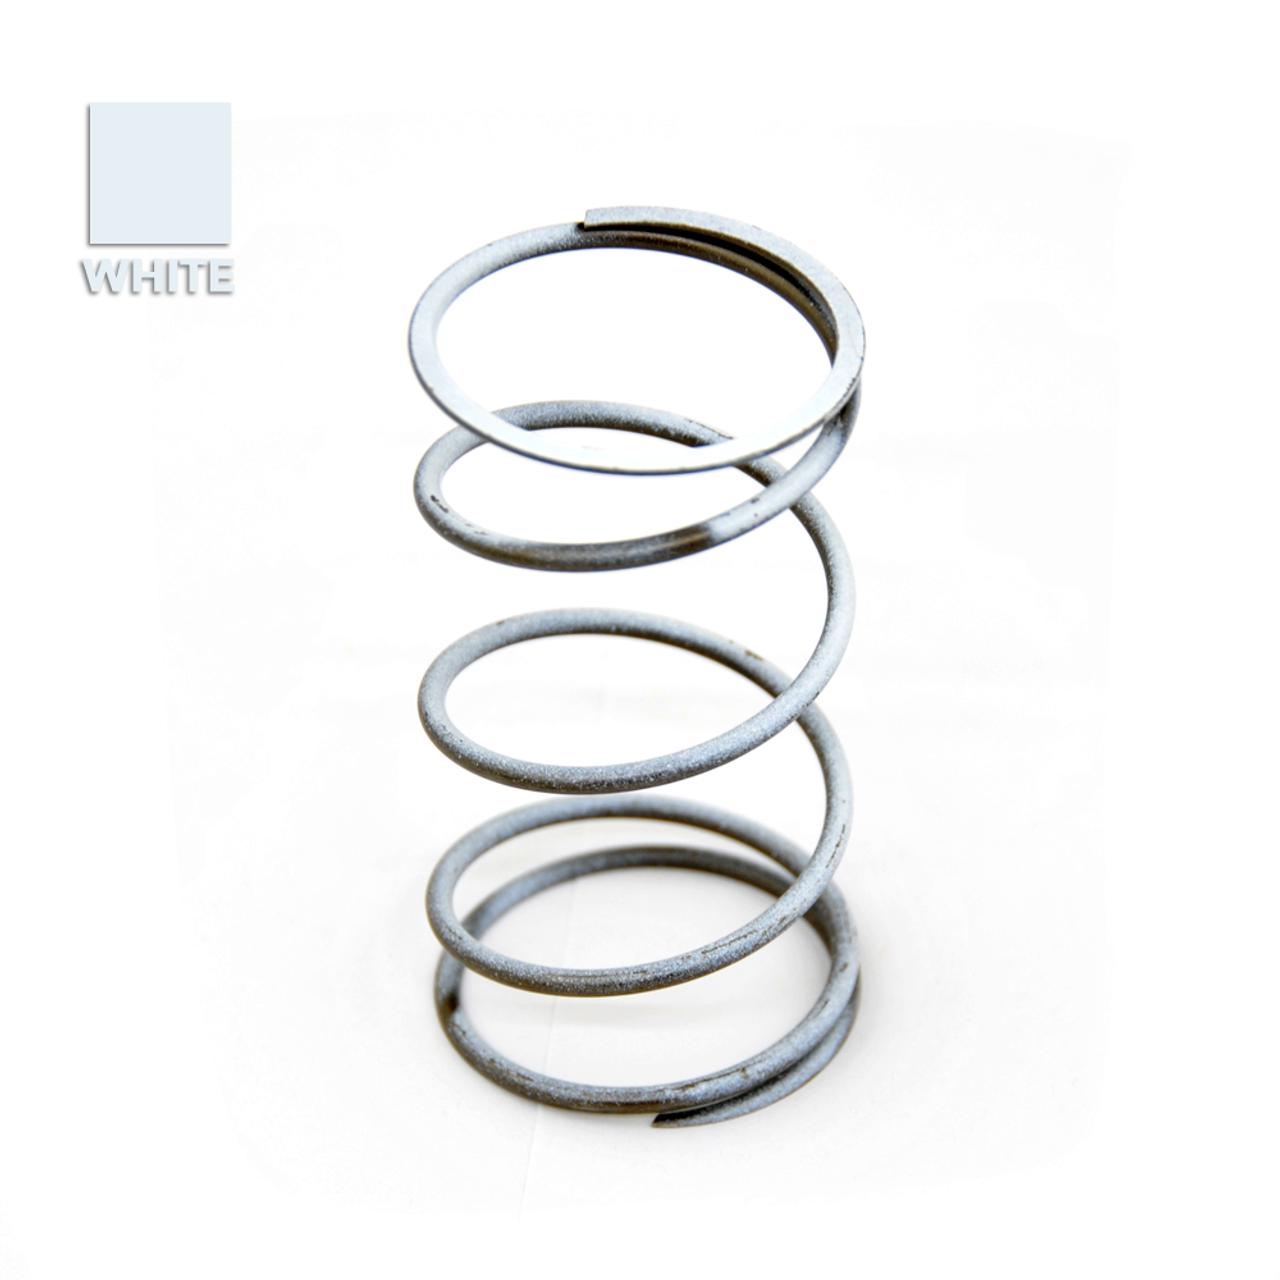 TIAL MR Series Wastegate Spring-White (TWS-1)